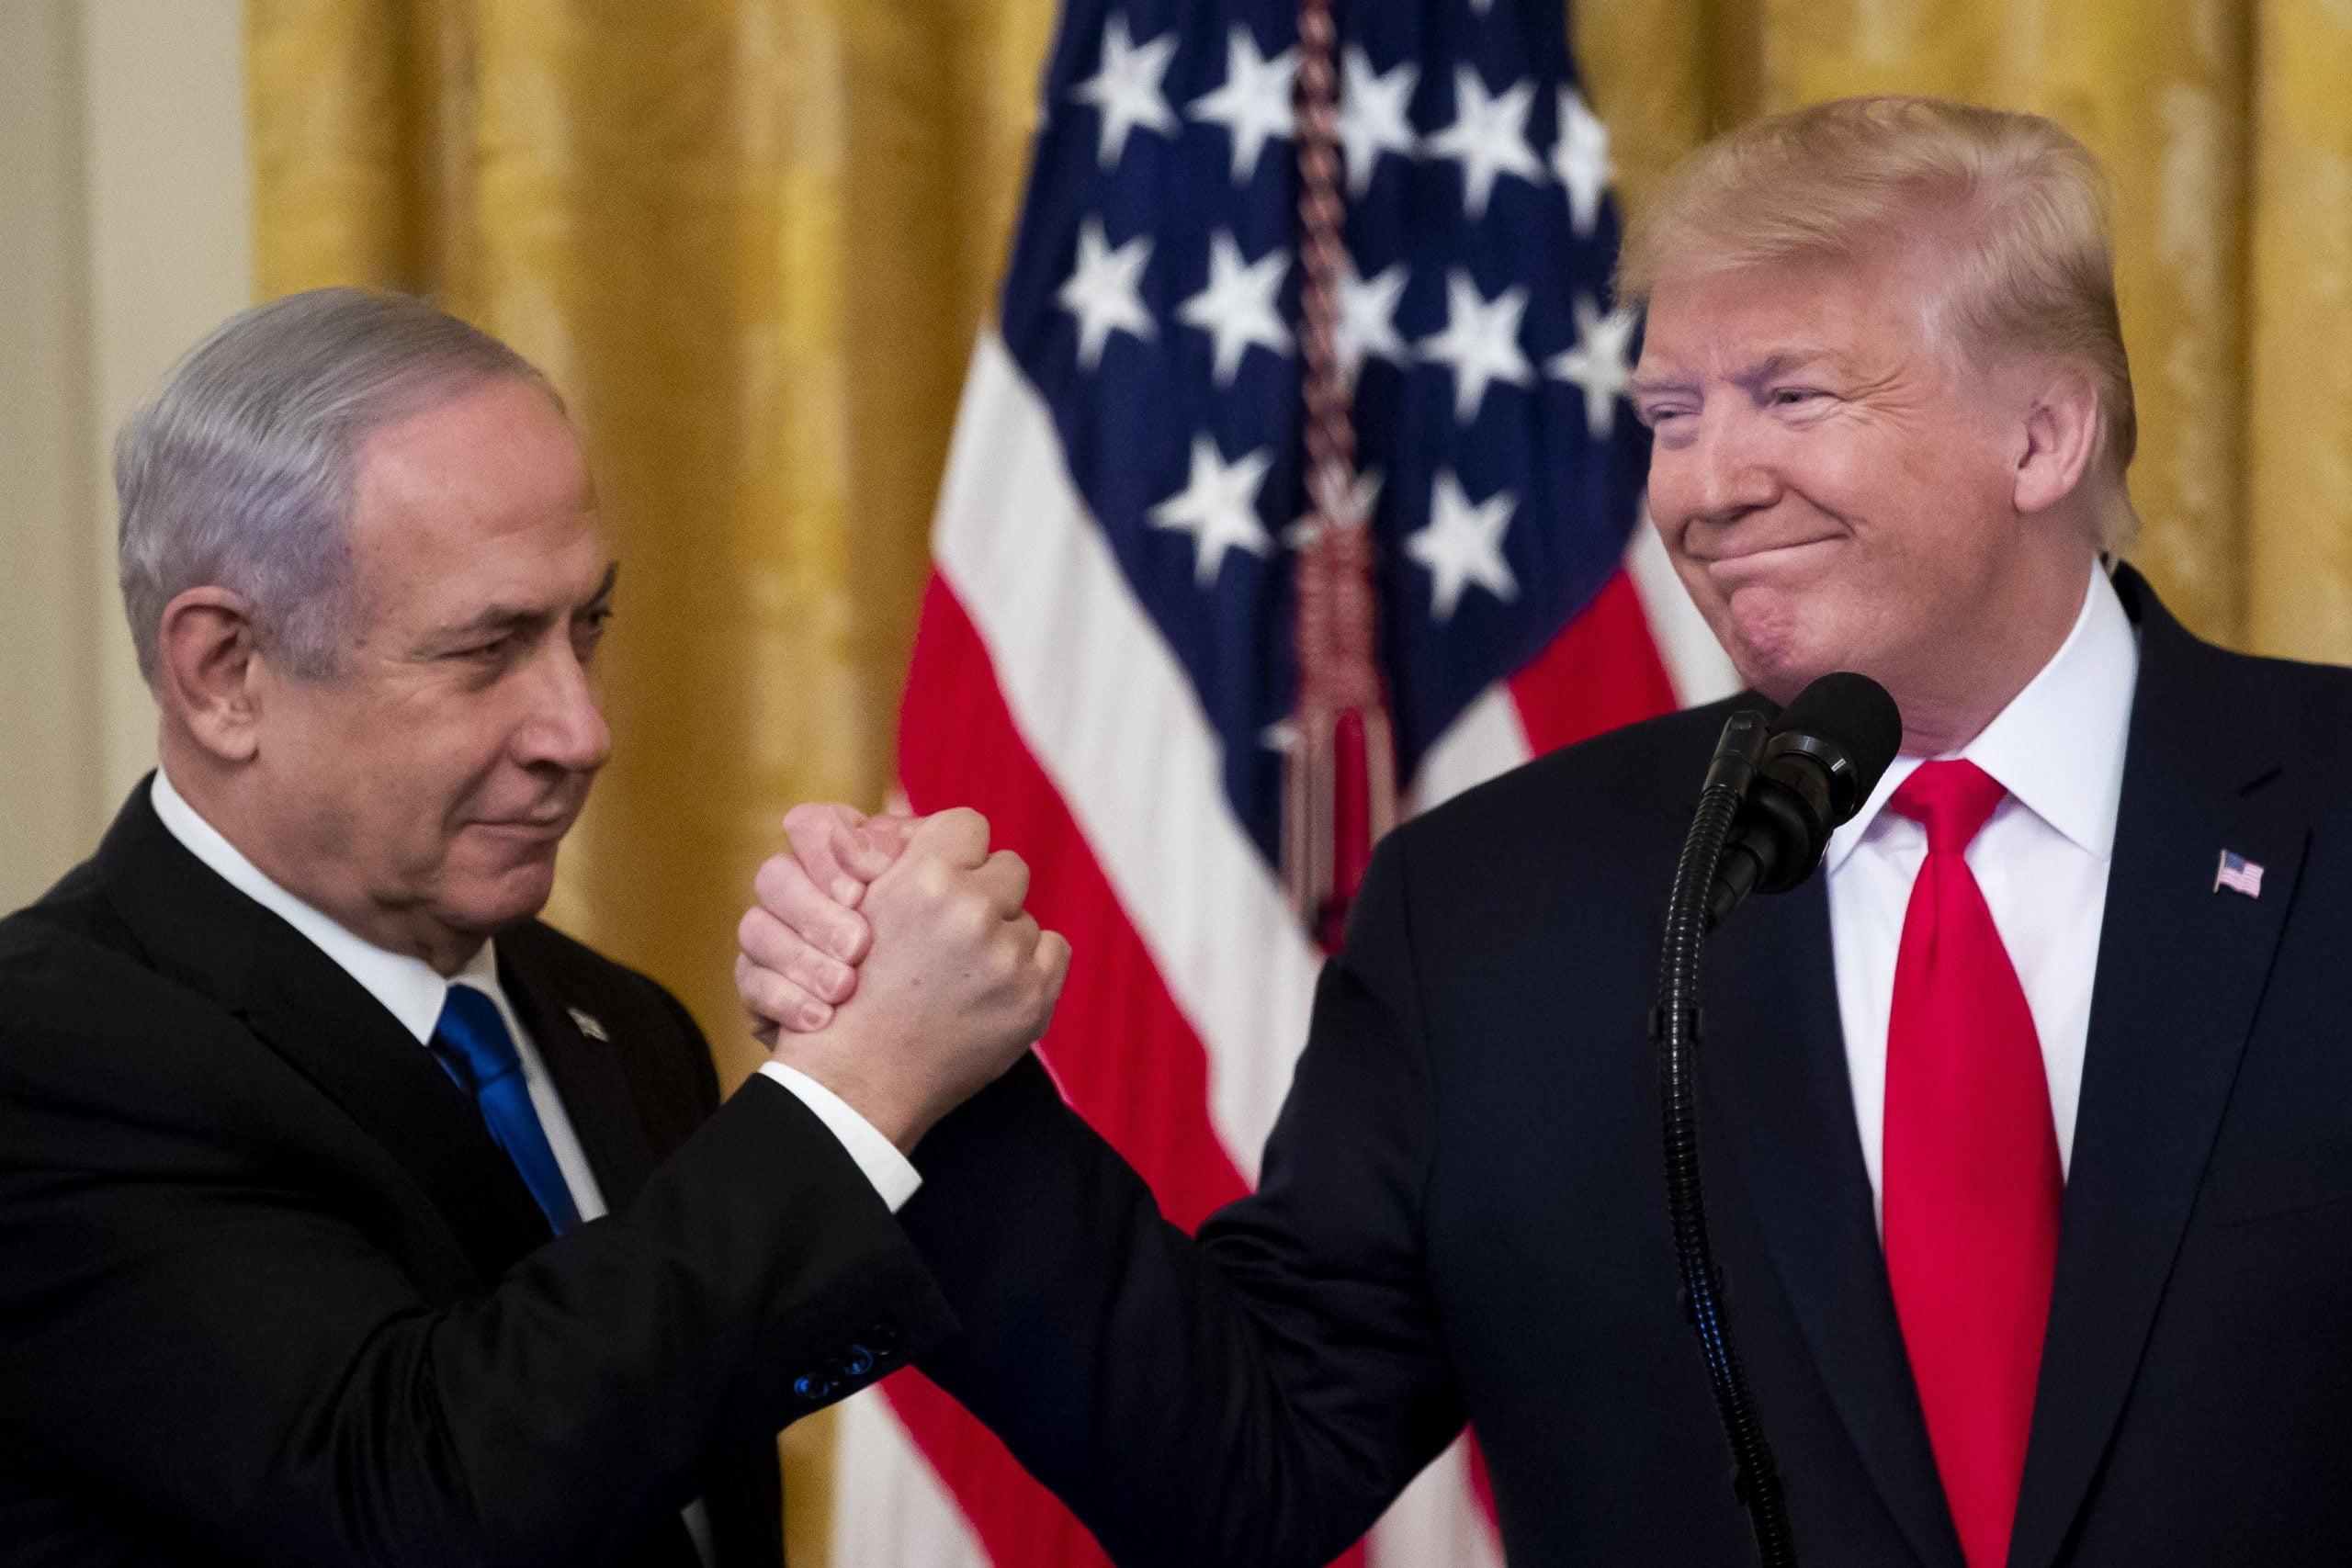 Ο κορωνοϊός δεν έχει διαμορφώσει τους στόχους εθνικής ασφάλειας του Ισραήλ